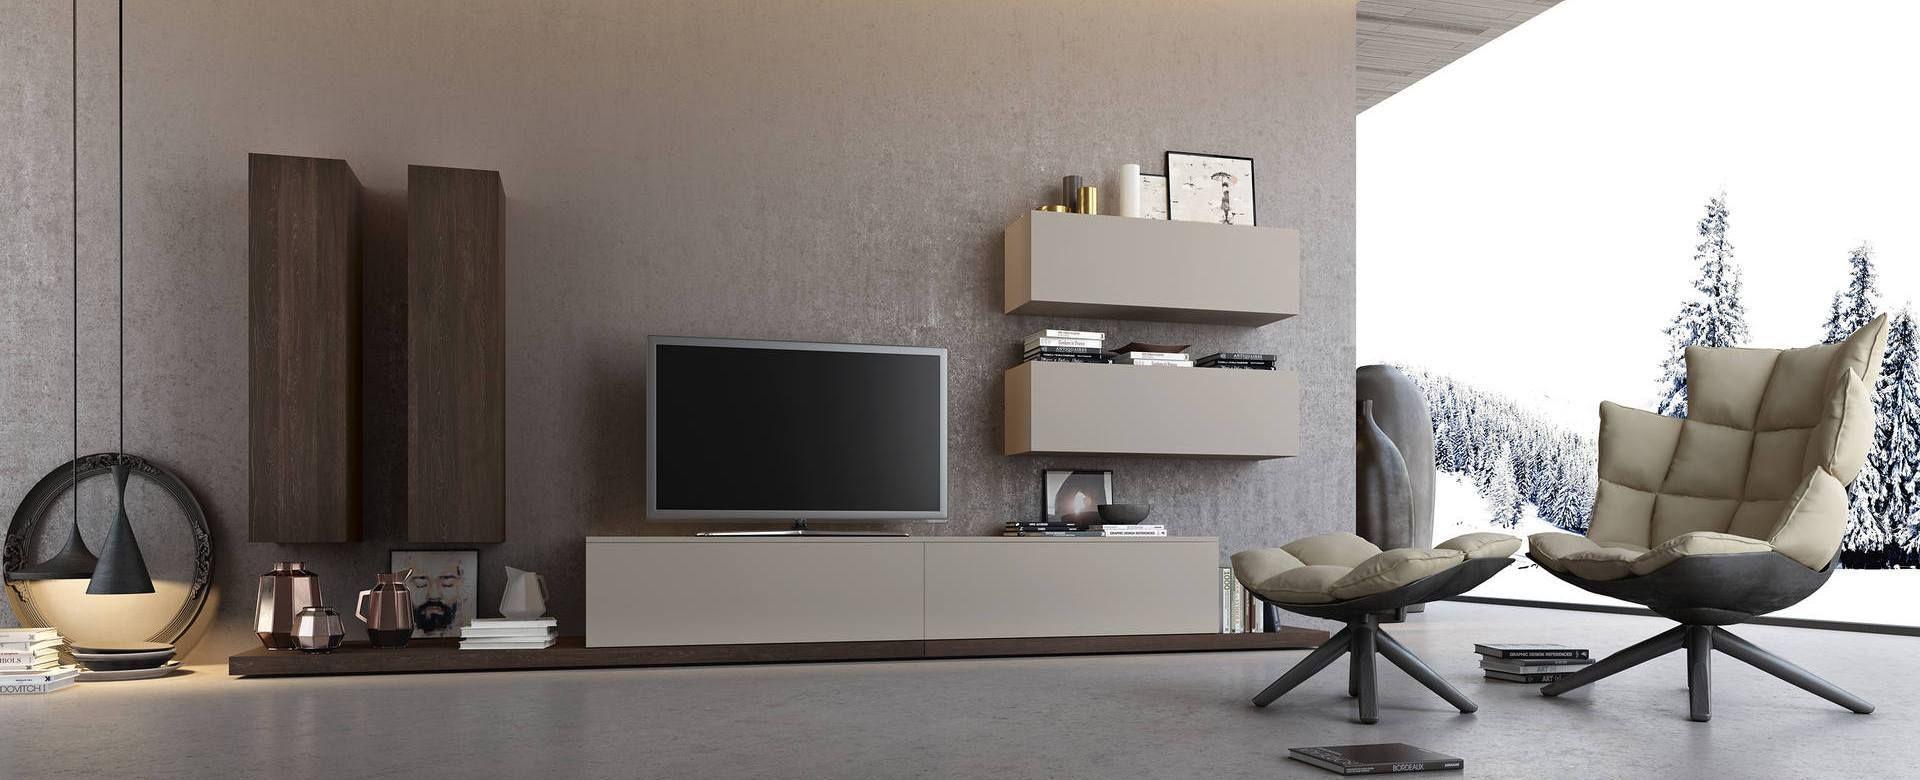 R Sultat De Recherche D Images Pour Style Contemporain Chic  # Meuble Tv Modulaire